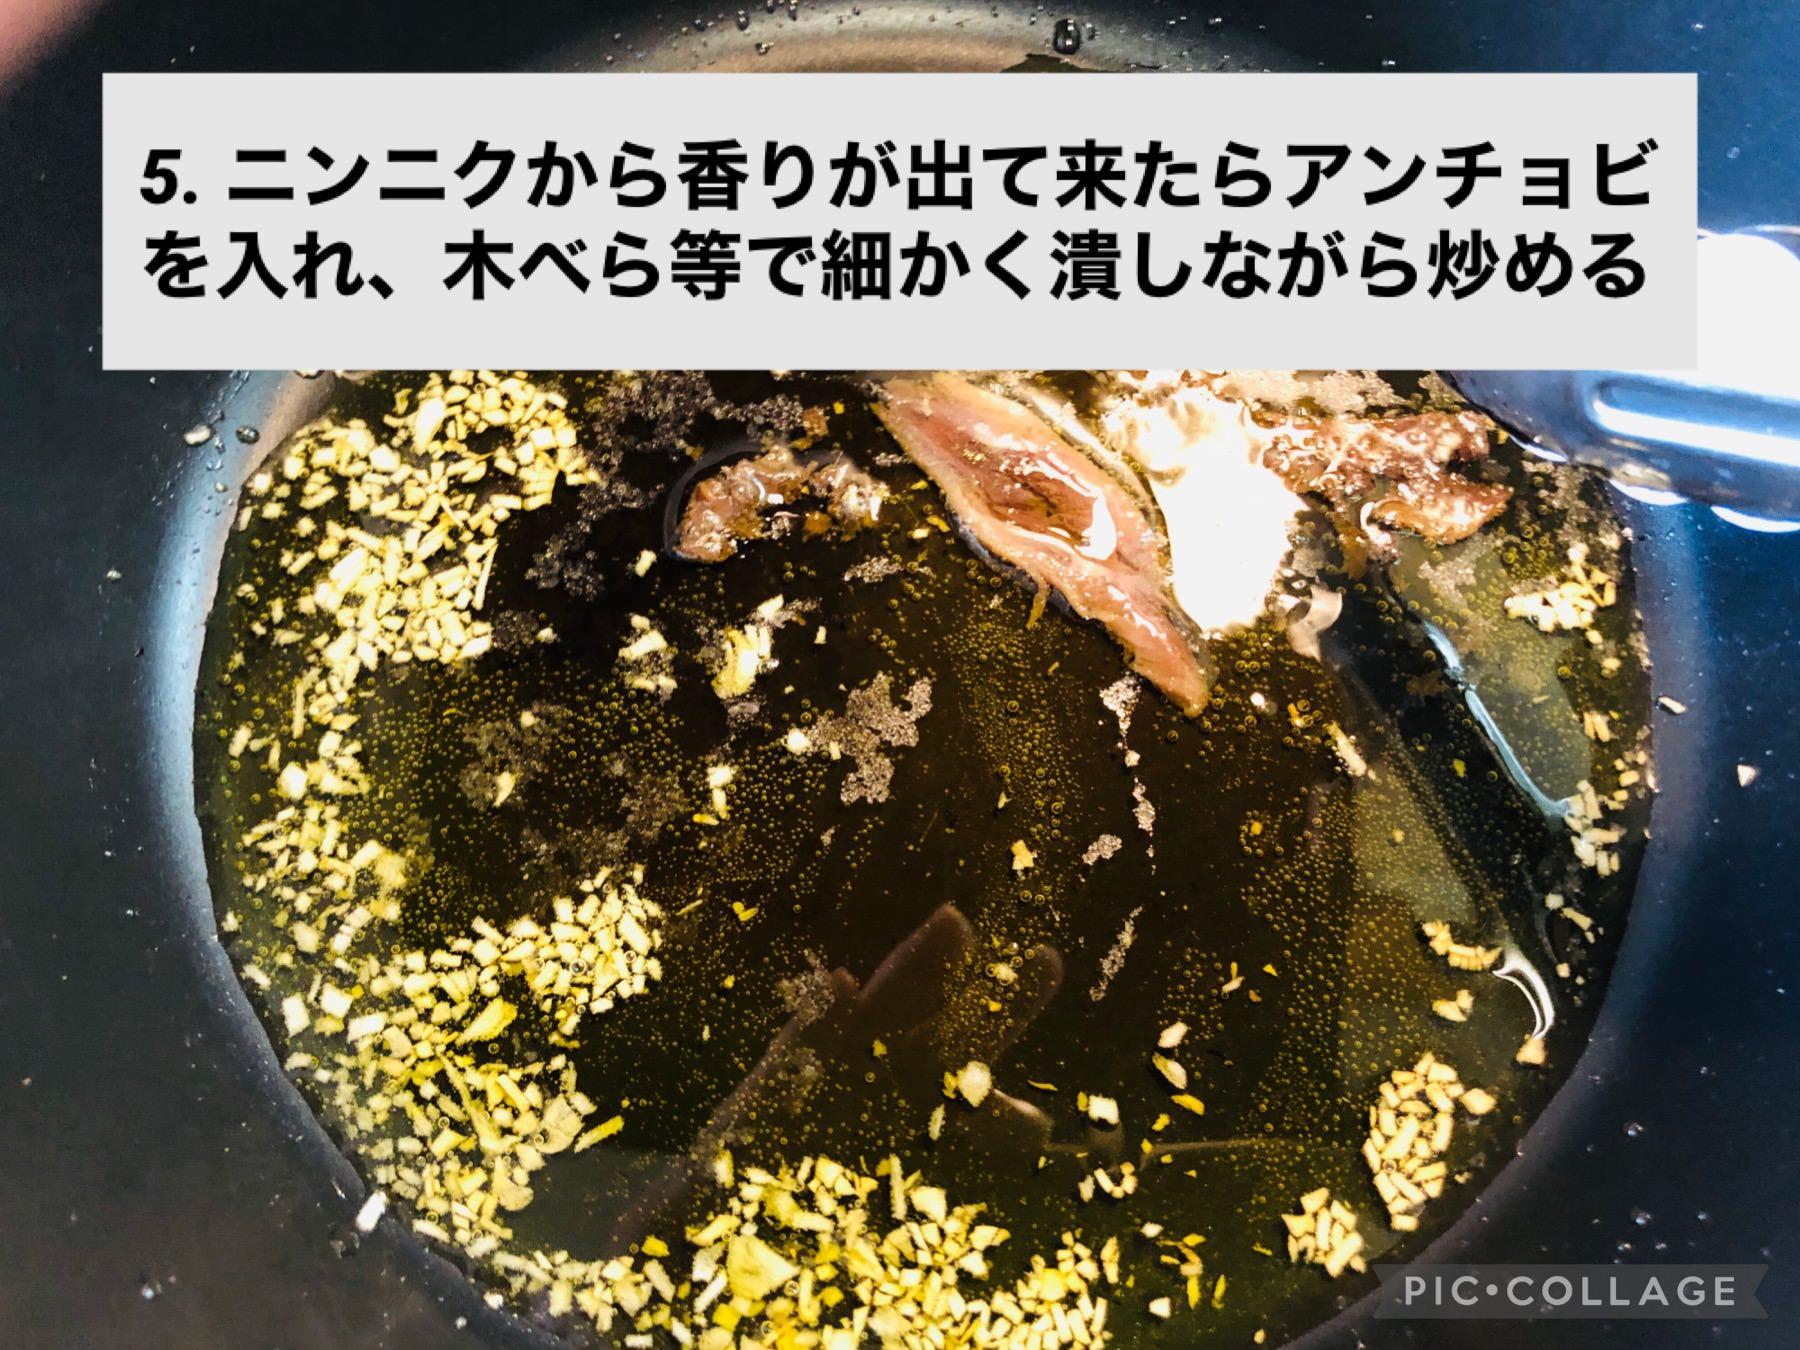 ニンニクの香りが出てきたのでアンチョビを入れて細かく潰し途中の画像です